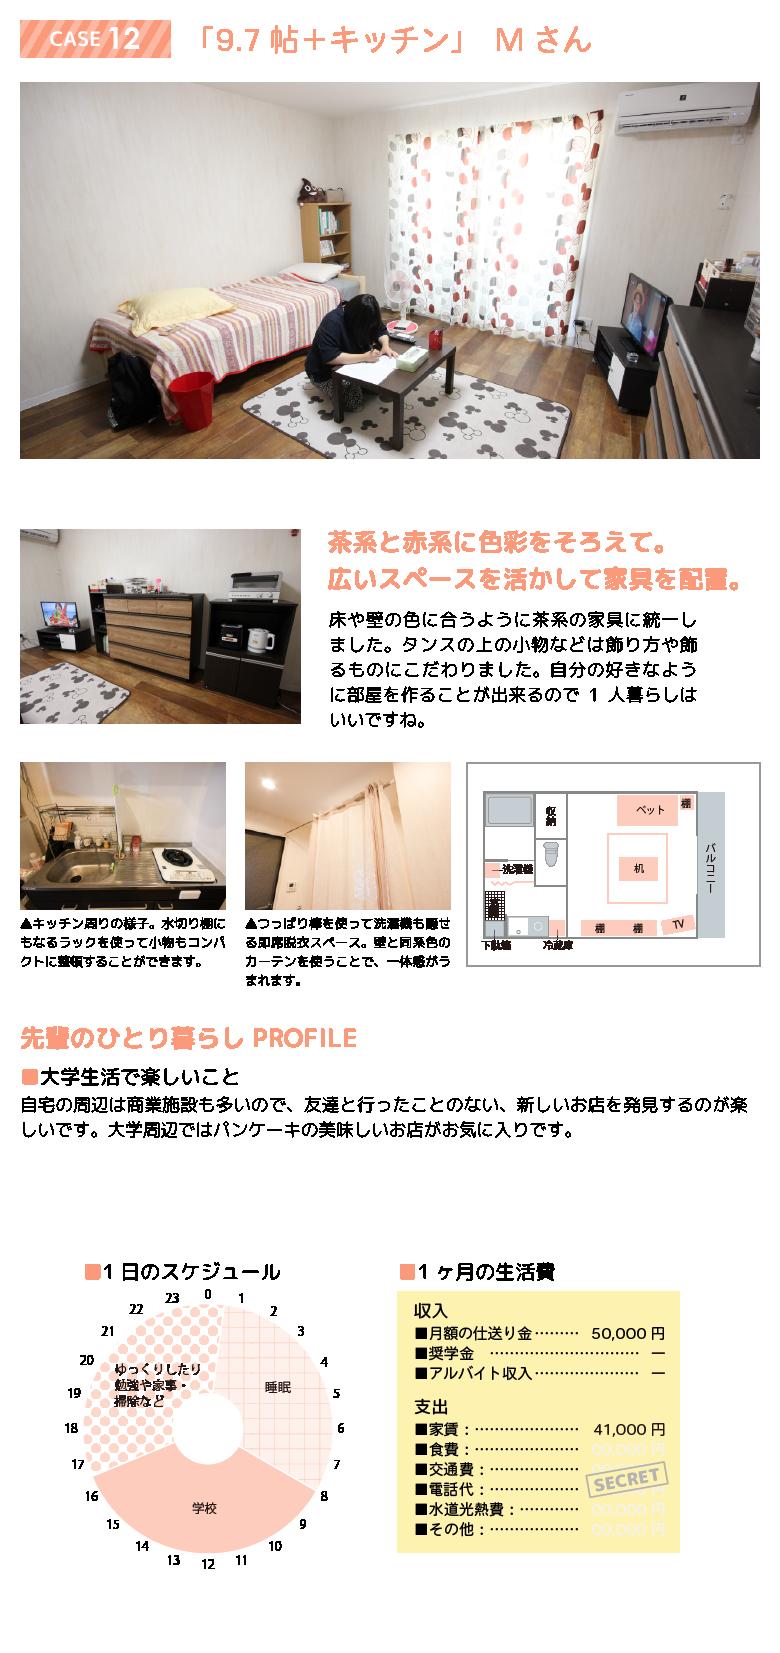 先輩のお部屋 case12